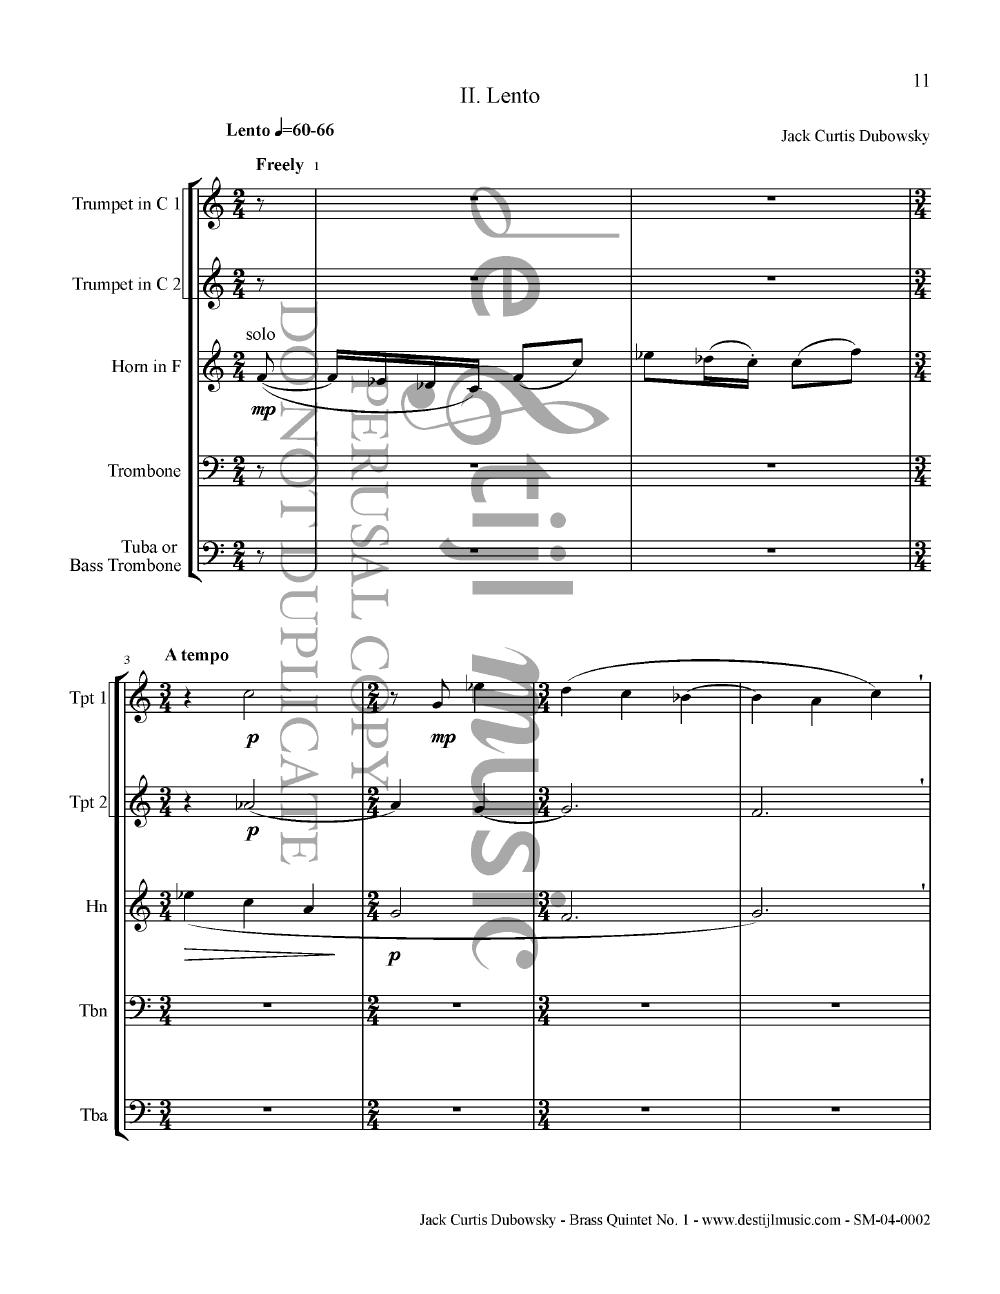 Brass Quintet No. 1 Thumbnail